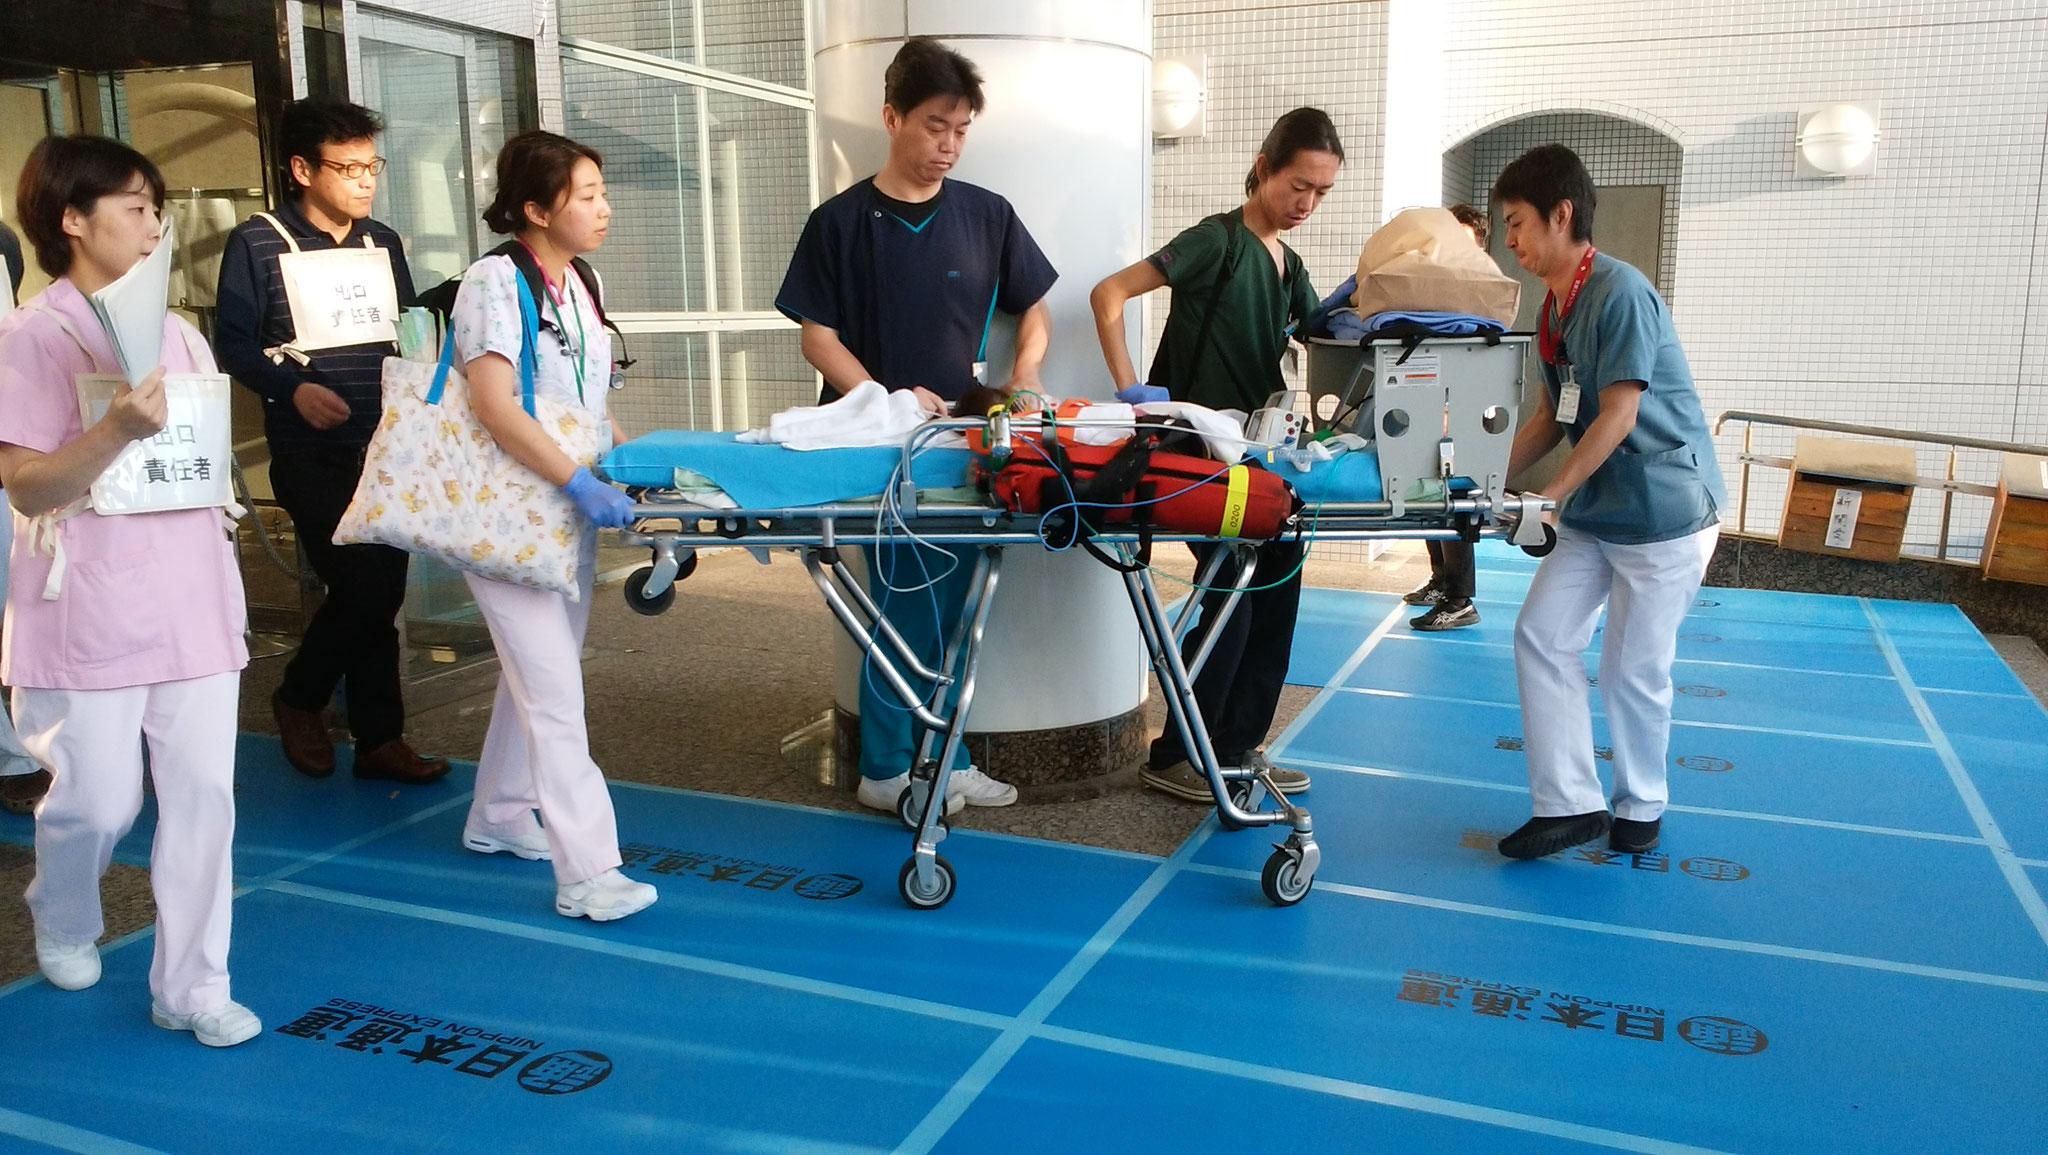 週産期医療センター玄関から小児患者が救急車へ移動中